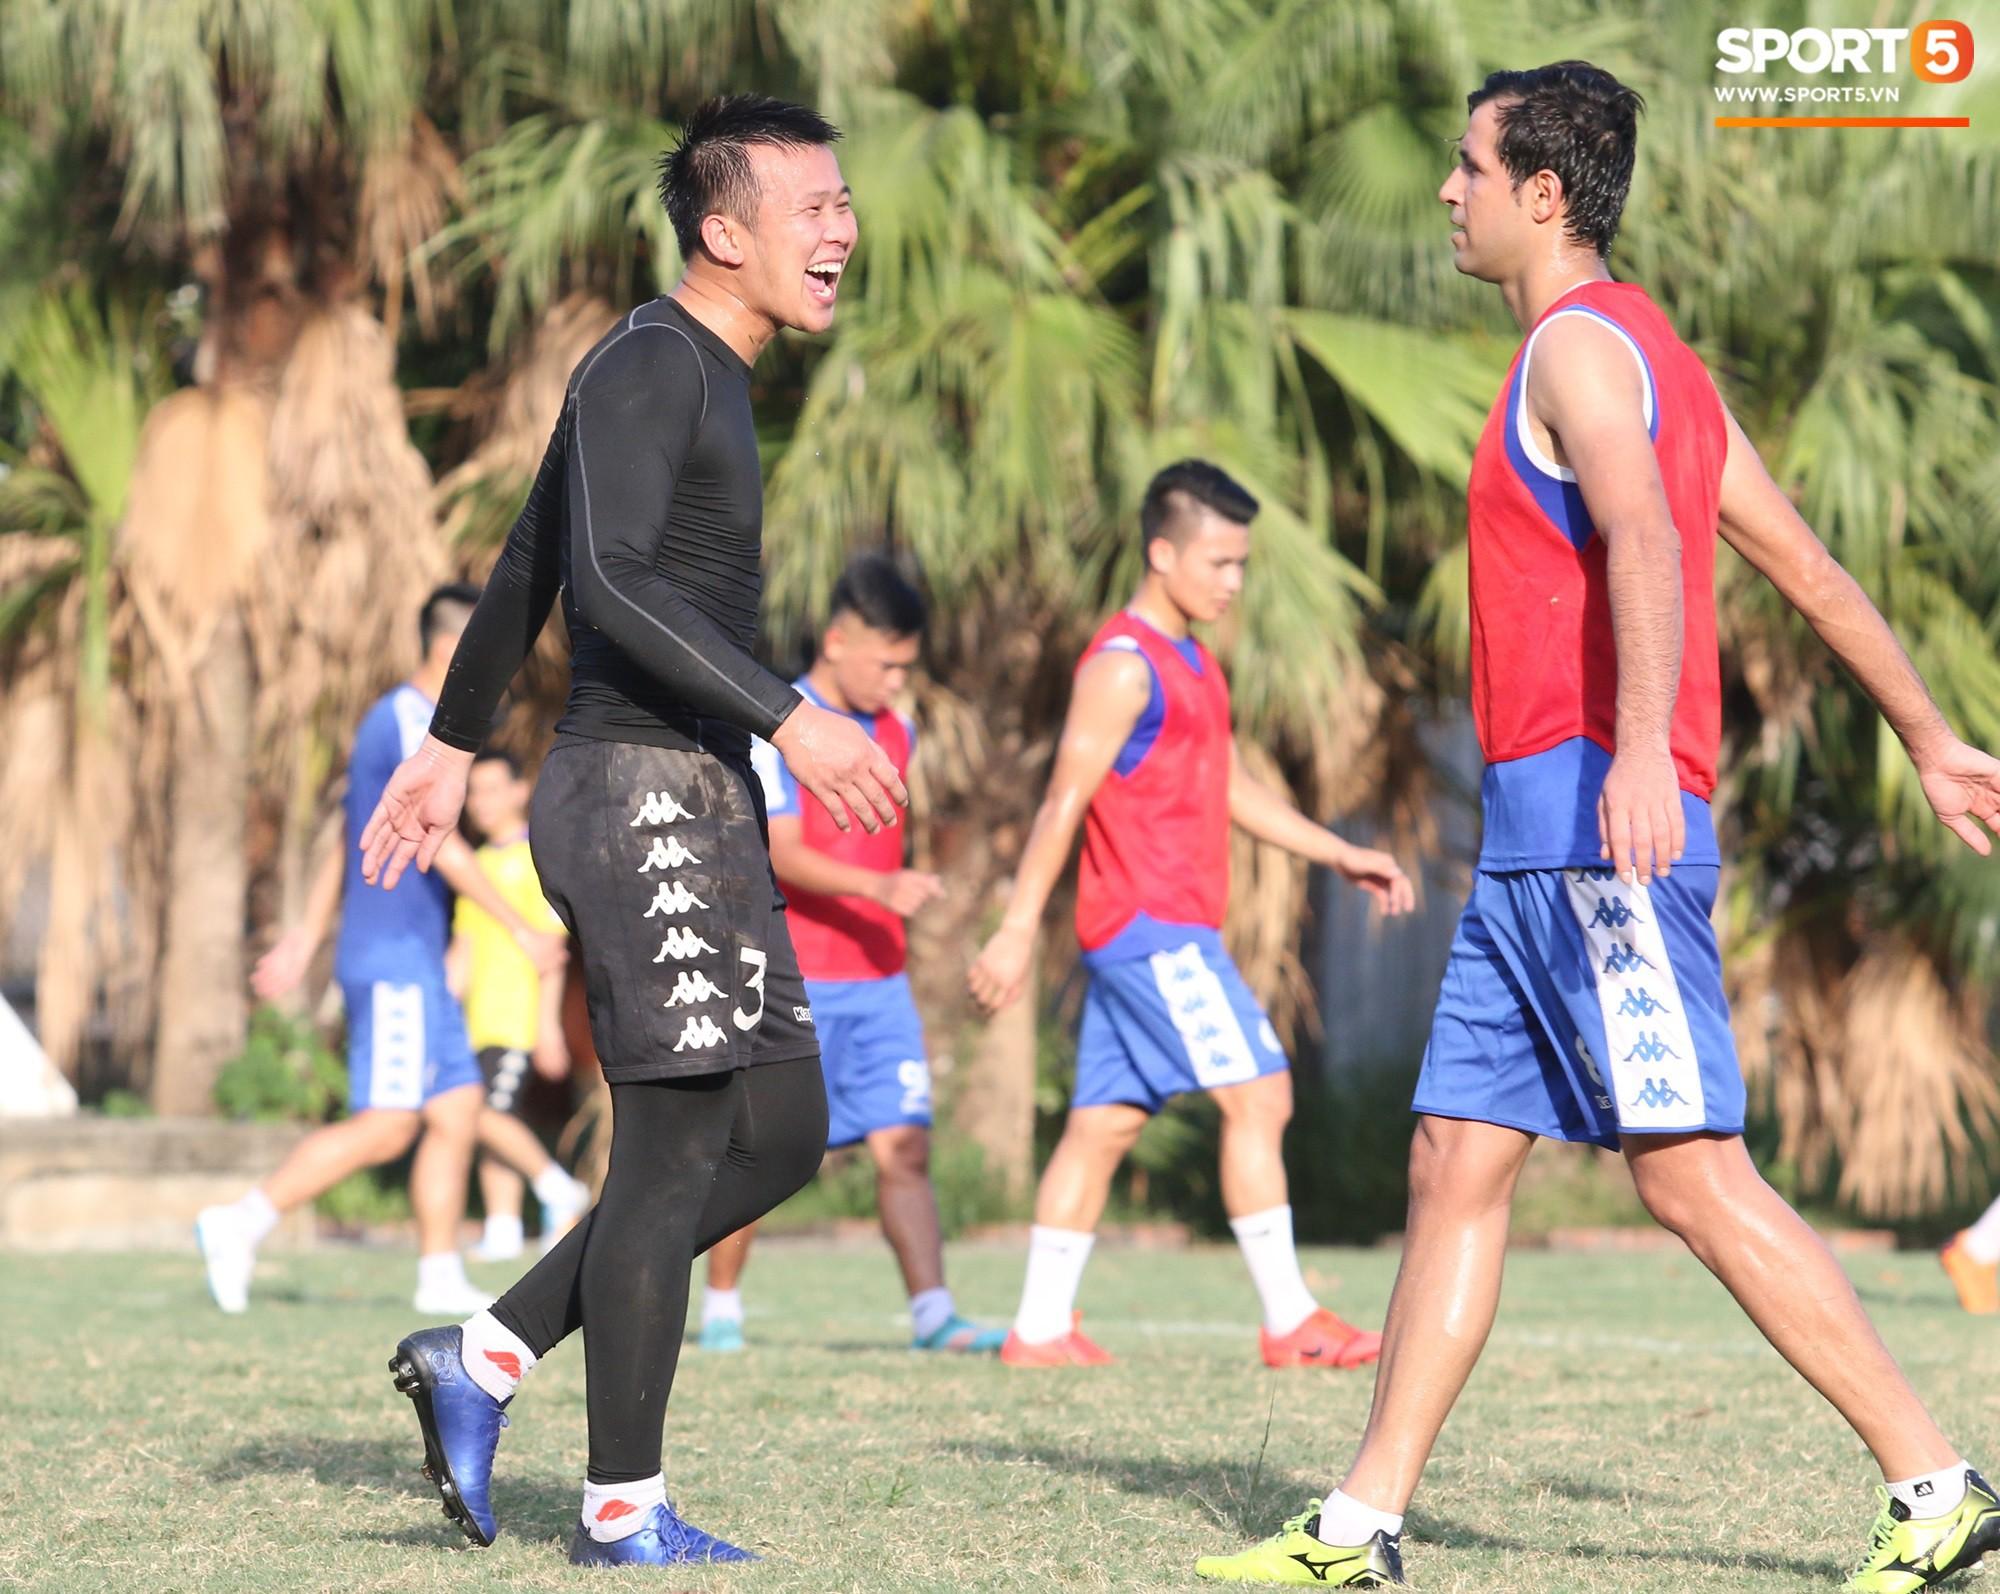 Cởi bỏ vẻ nghiêm nghị thường thấy, HLV của Hà Nội FC xỏ giày vào sân chơi lầy cùng Quang Hải, Duy Mạnh - Ảnh 6.